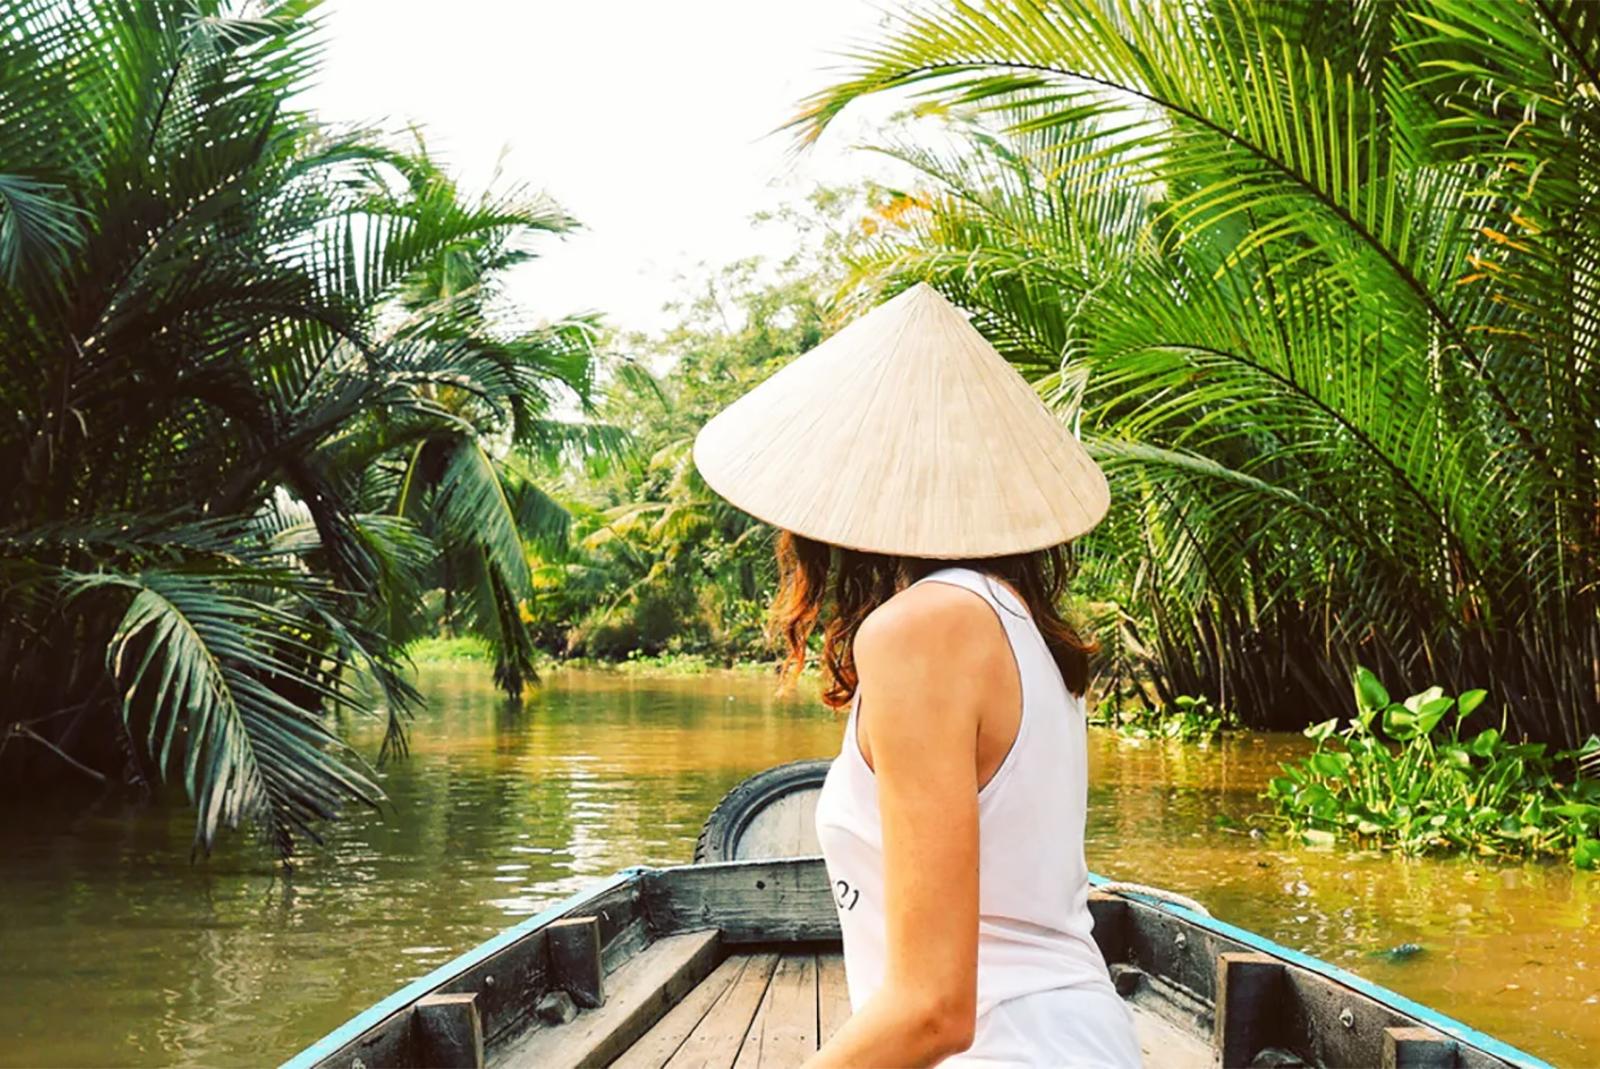 было, работы фотографии туристов во вьетнаме обои